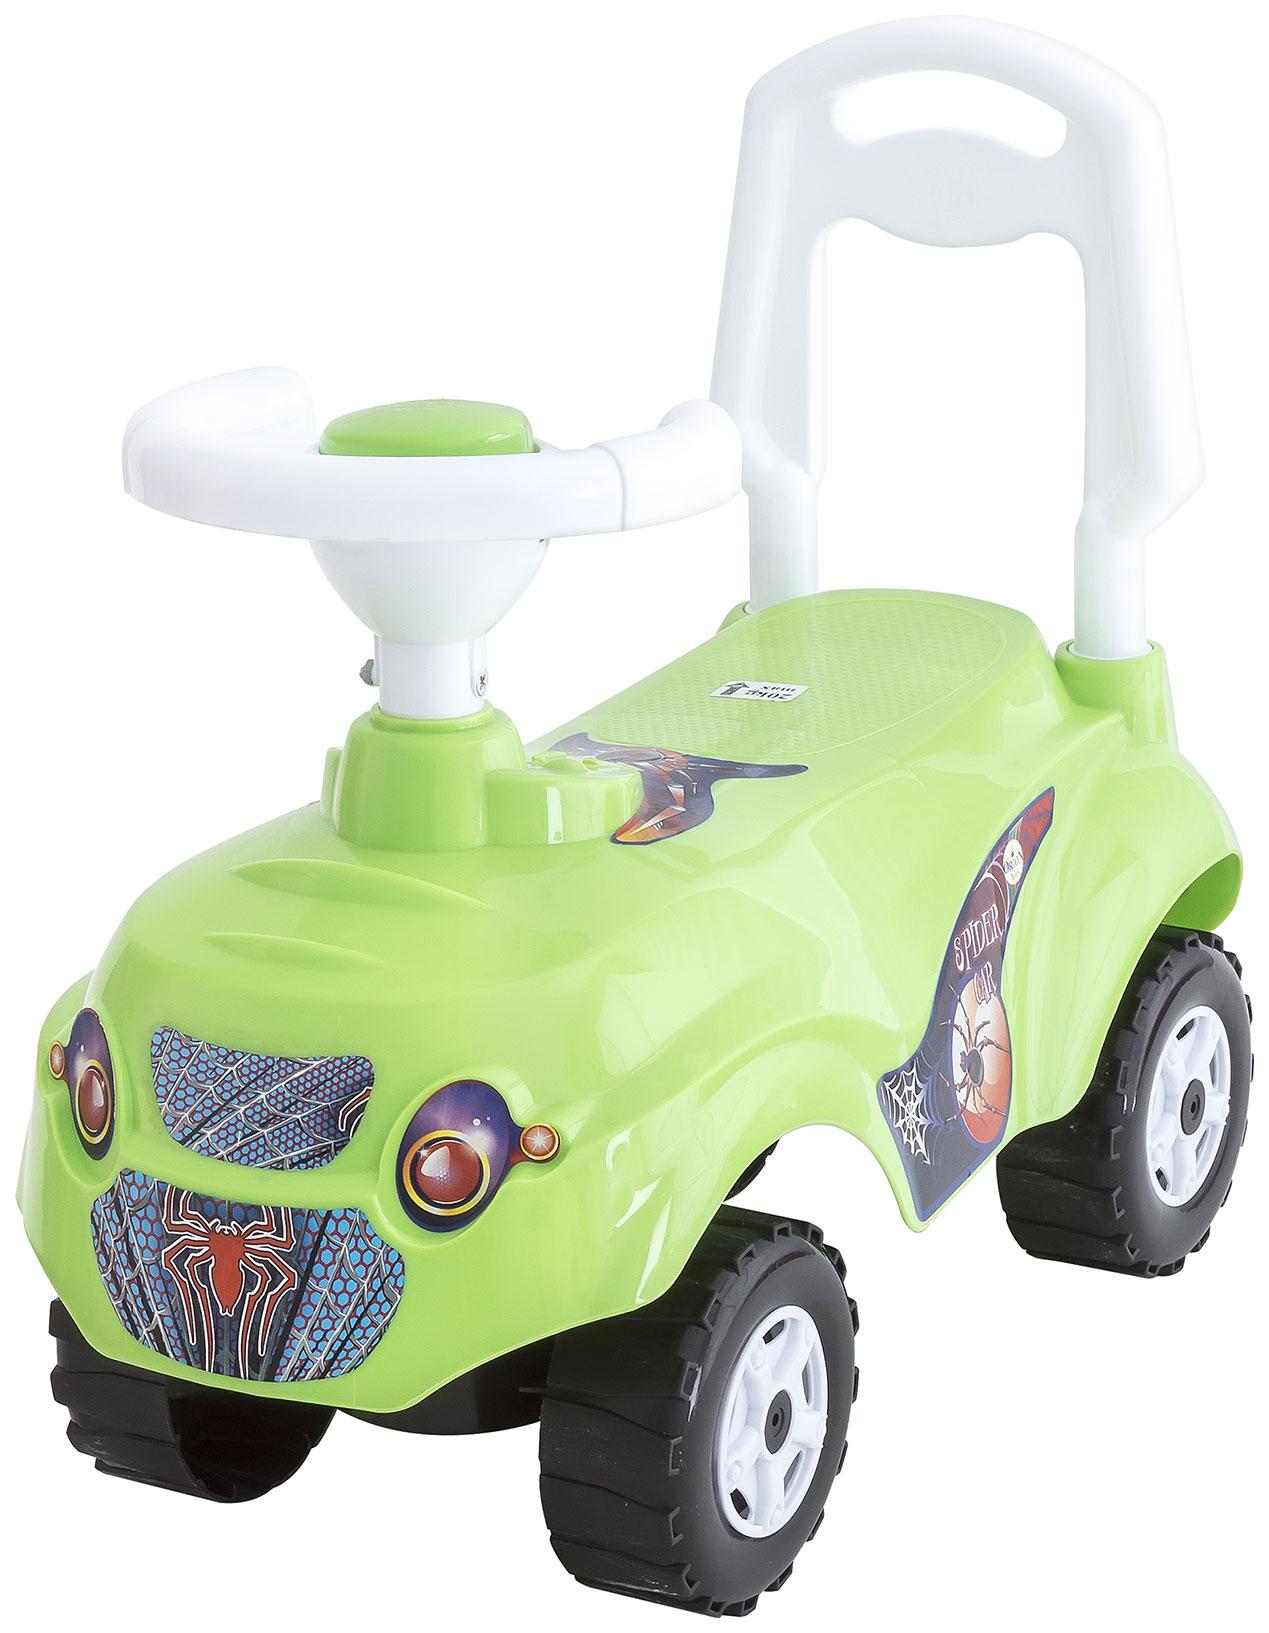 Каталка детская Orion Машинка Микрокар Цвет: Зеленый